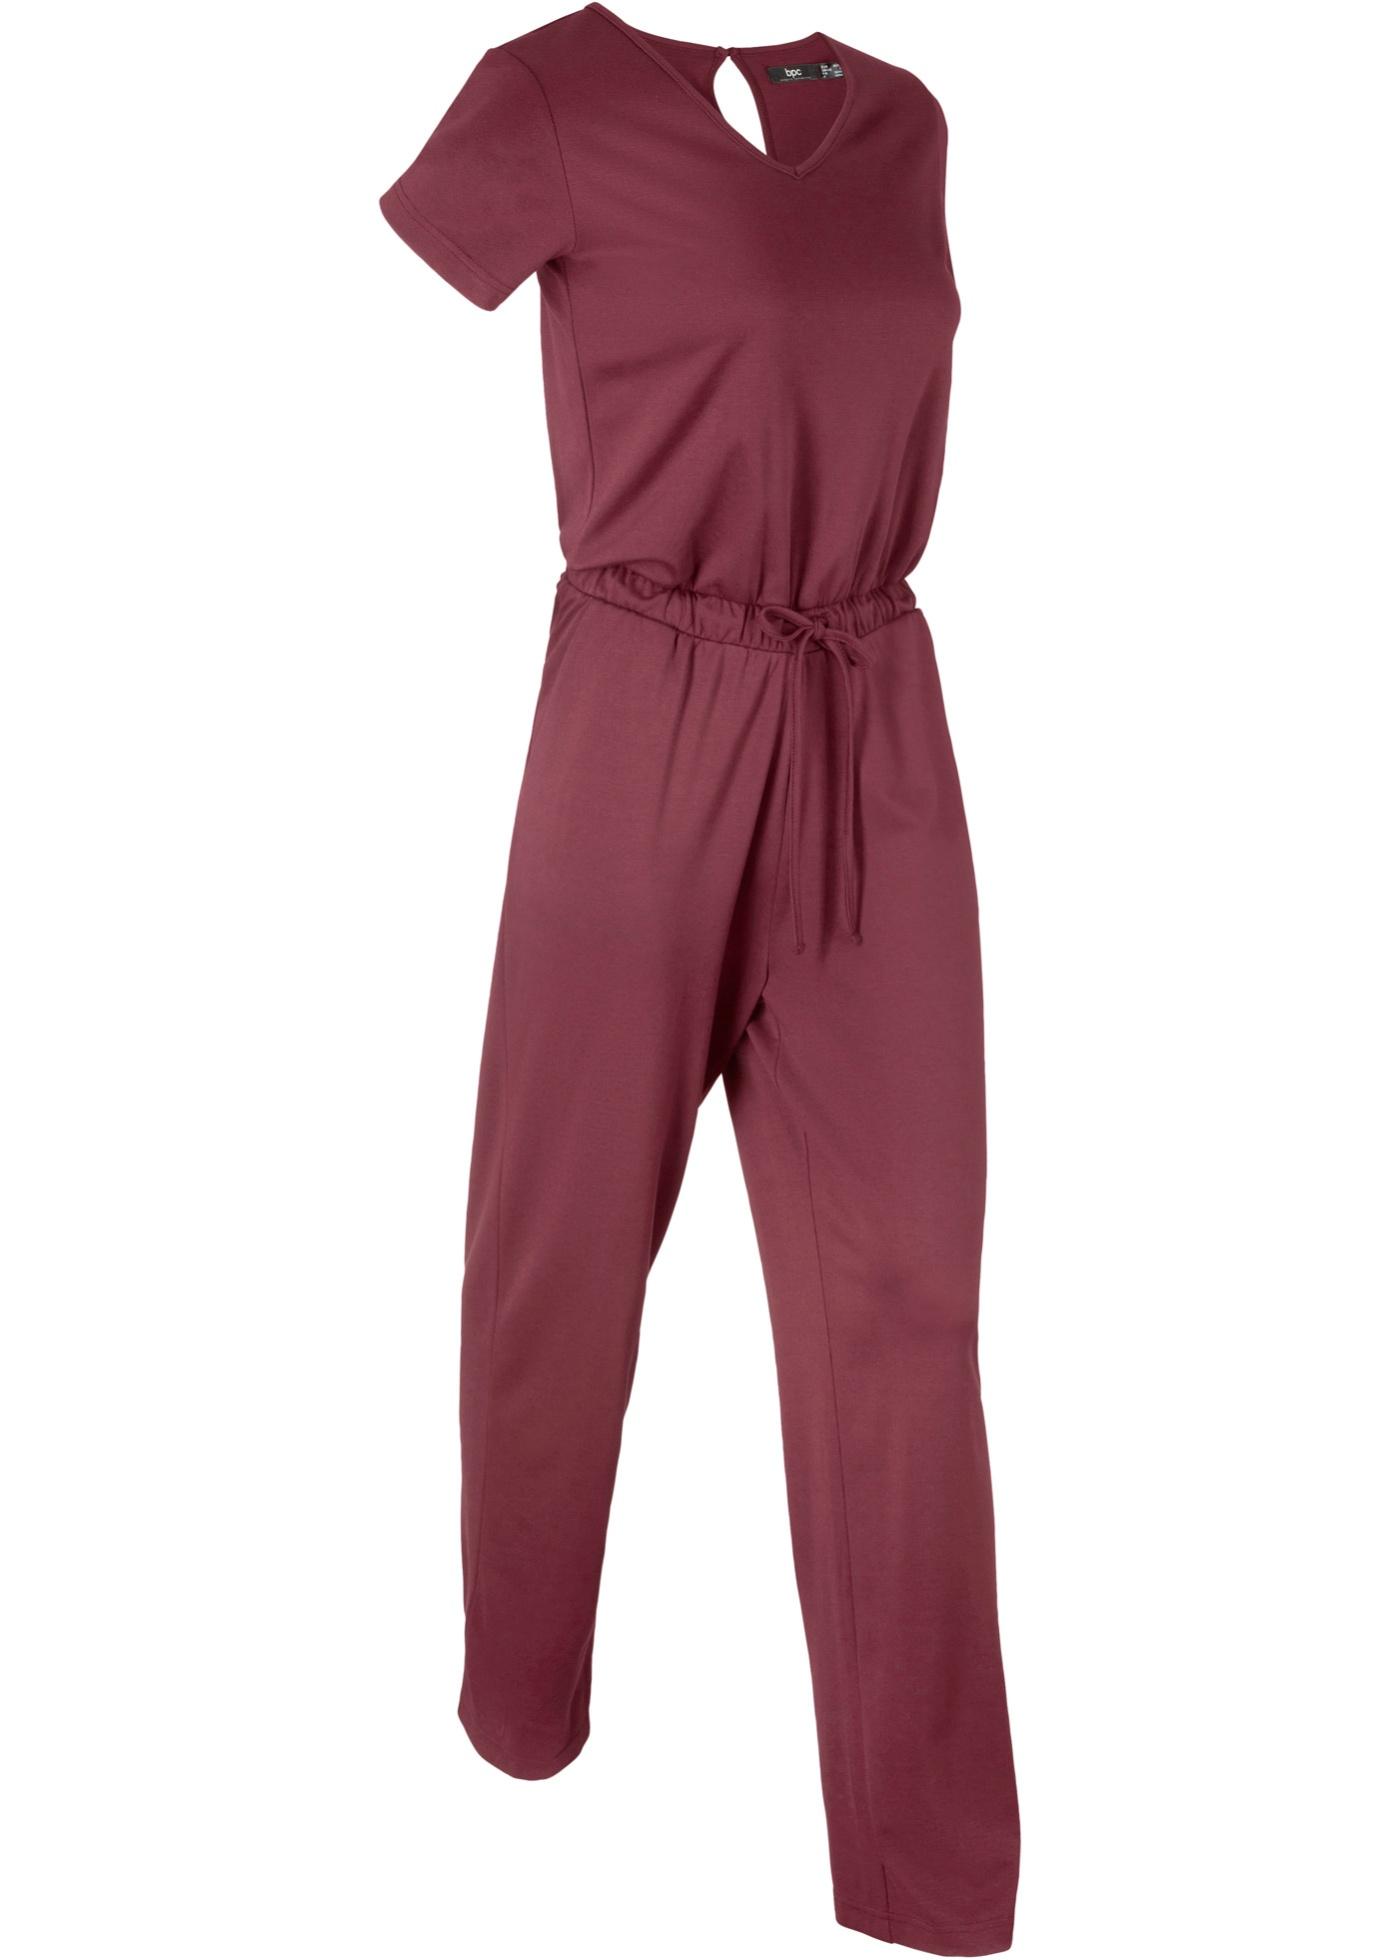 Manches CollectionCombi Pantalon Rouge Courtes Bpc Bonprix Femme Pour tQdxhrCs